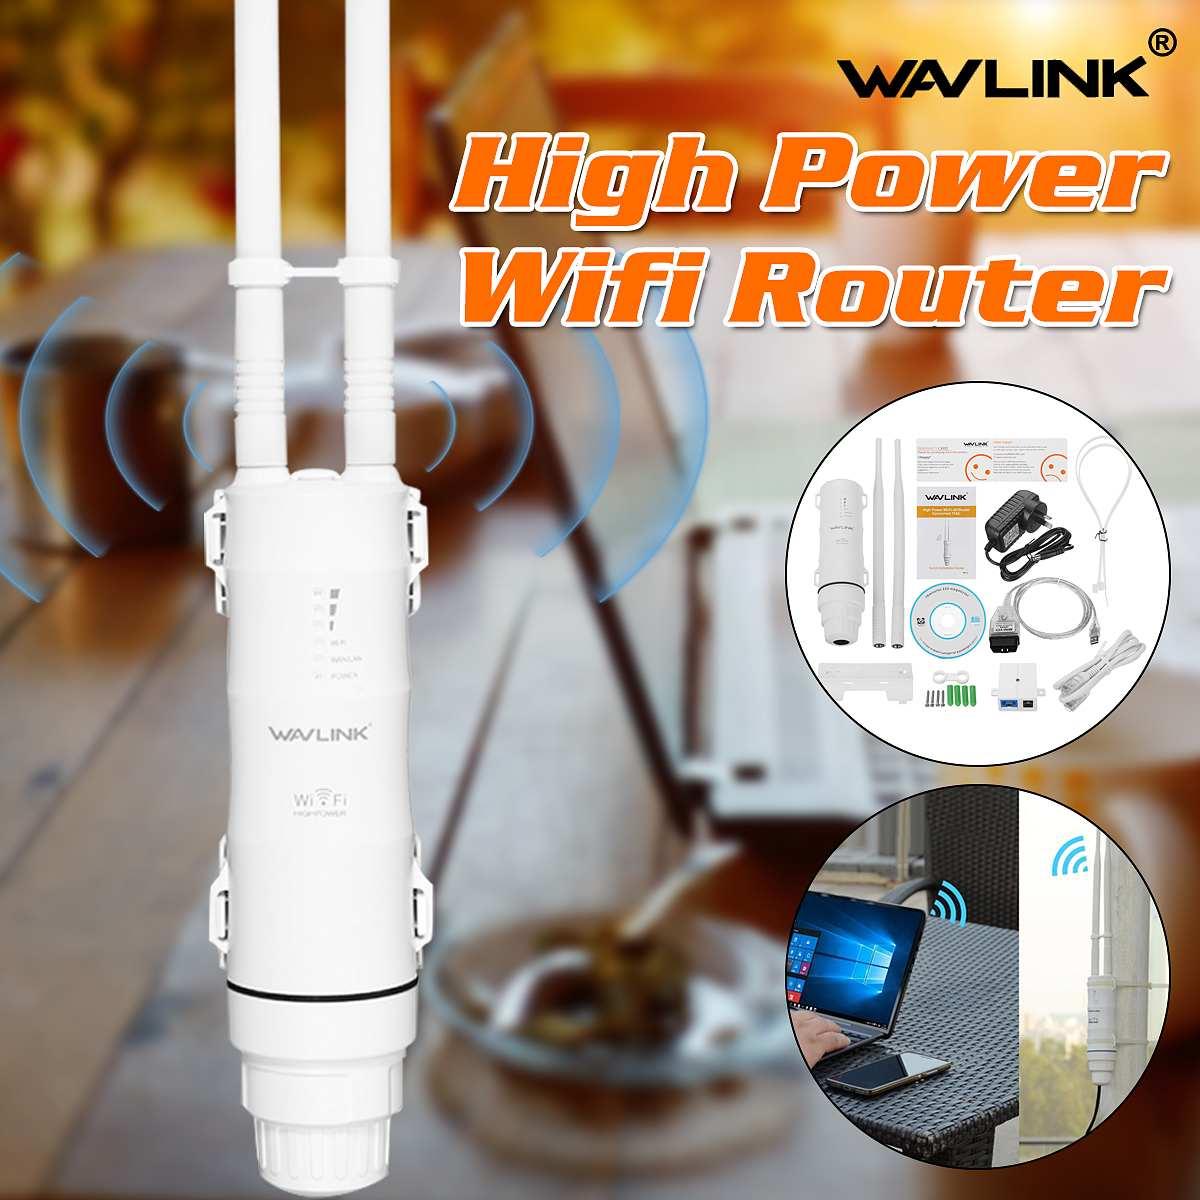 Wavlink ac600 27dbm wifi extensor de alta potência ao ar livre wifi repetidor 2.4g/150 mbps + 5 ghz/433 mbps roteador wi-fi sem fio com wisp